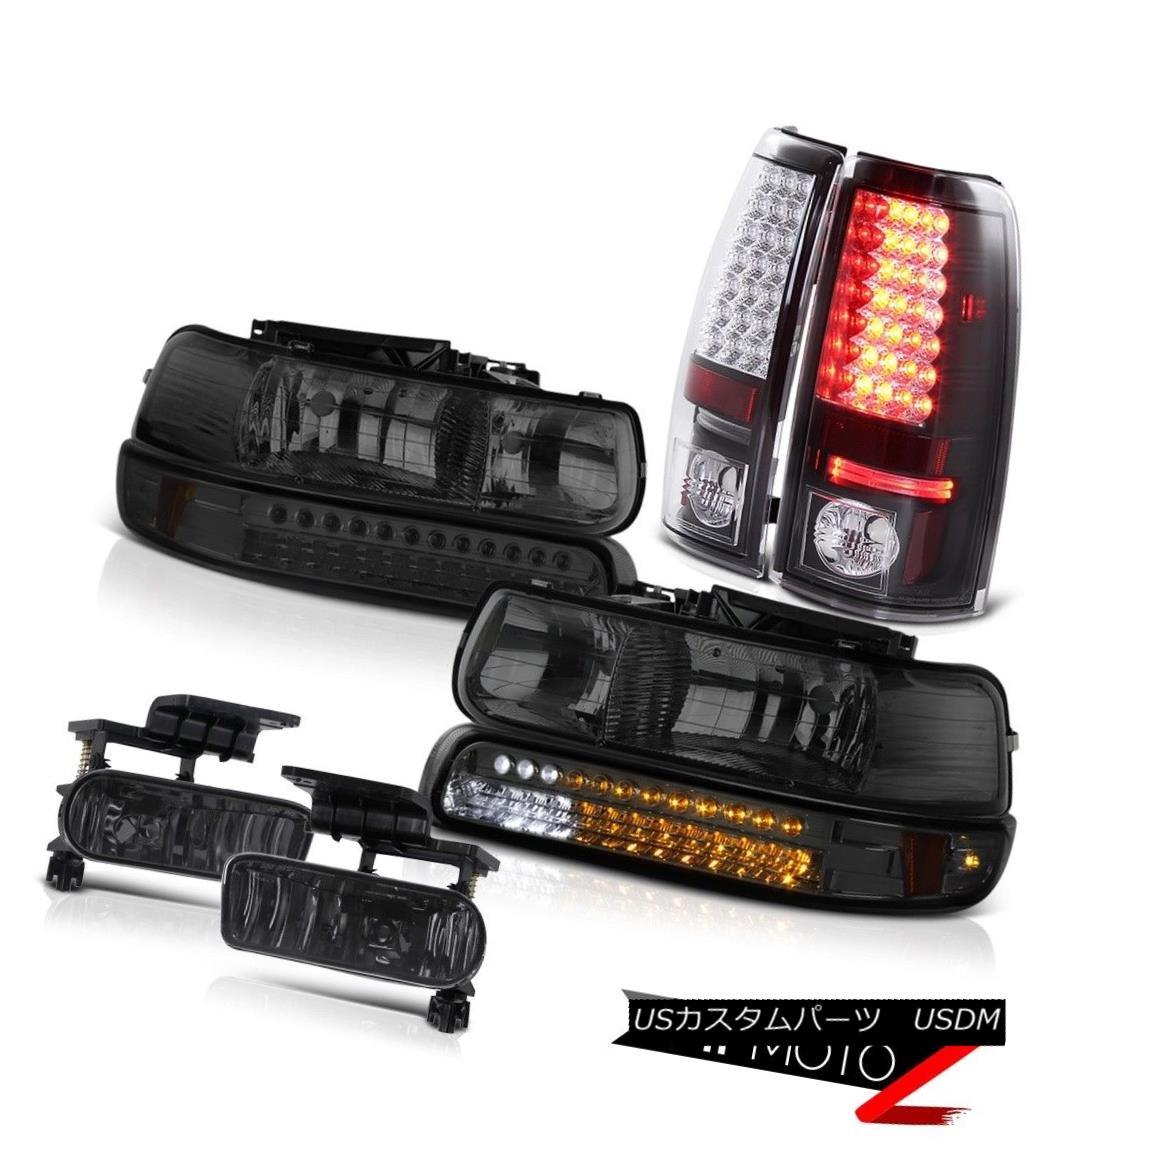 ヘッドライト 99-02 Silverado 6.0L 8.1L V8 DRL Headlamps LED Tail Light Lower Bumper Foglights 99-02 Silverado 6.0L 8.1L V8 DRLヘッドライトLEDテールライトロワーバンパーフォグライト